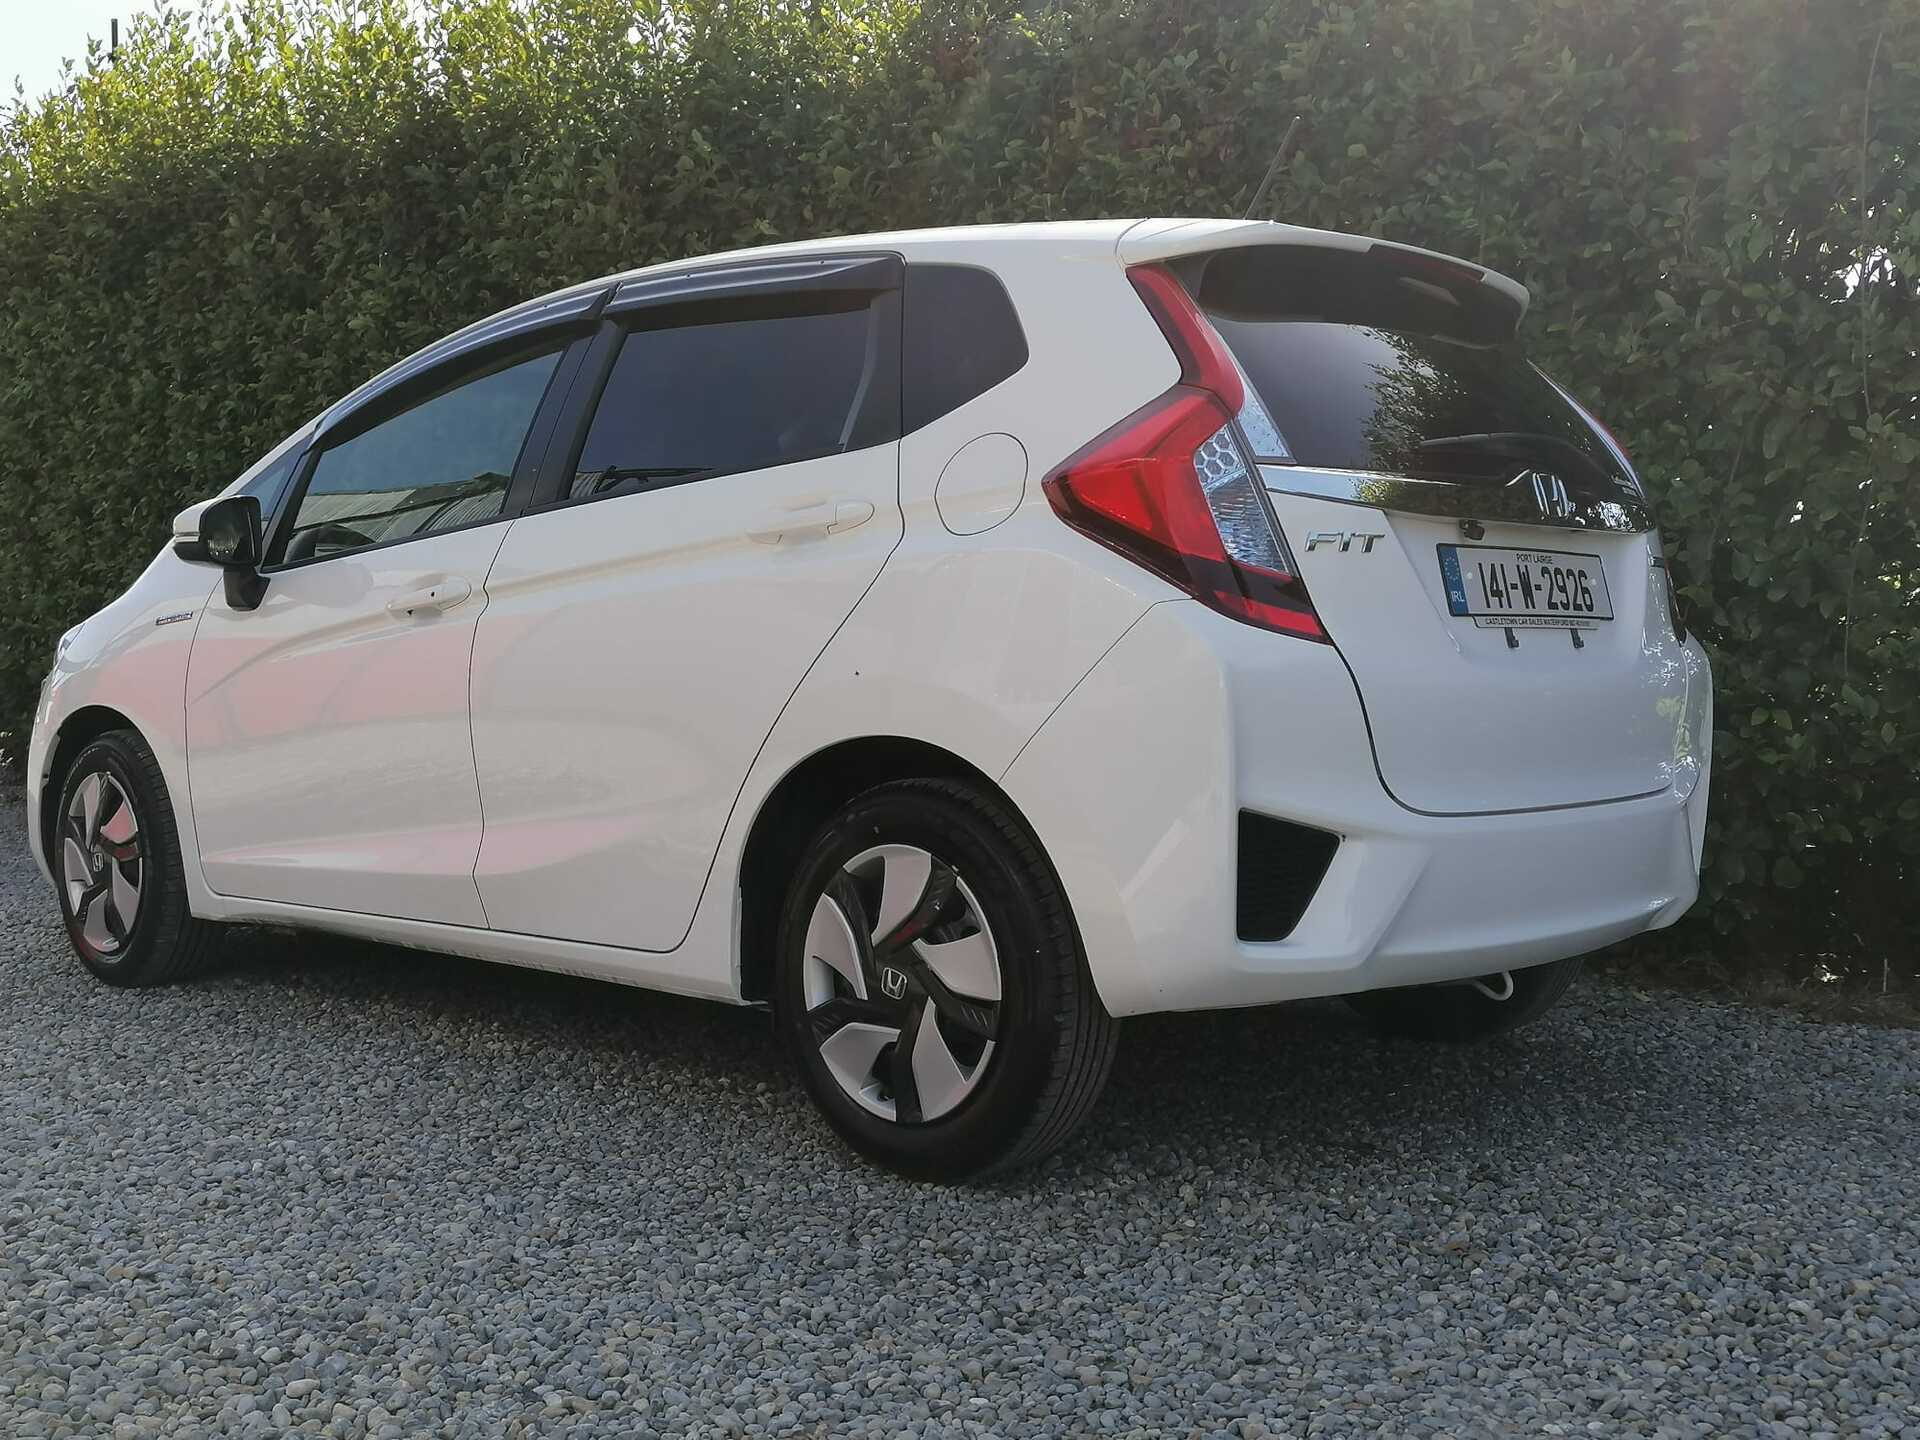 Used Honda Jazz 2014 in Waterford